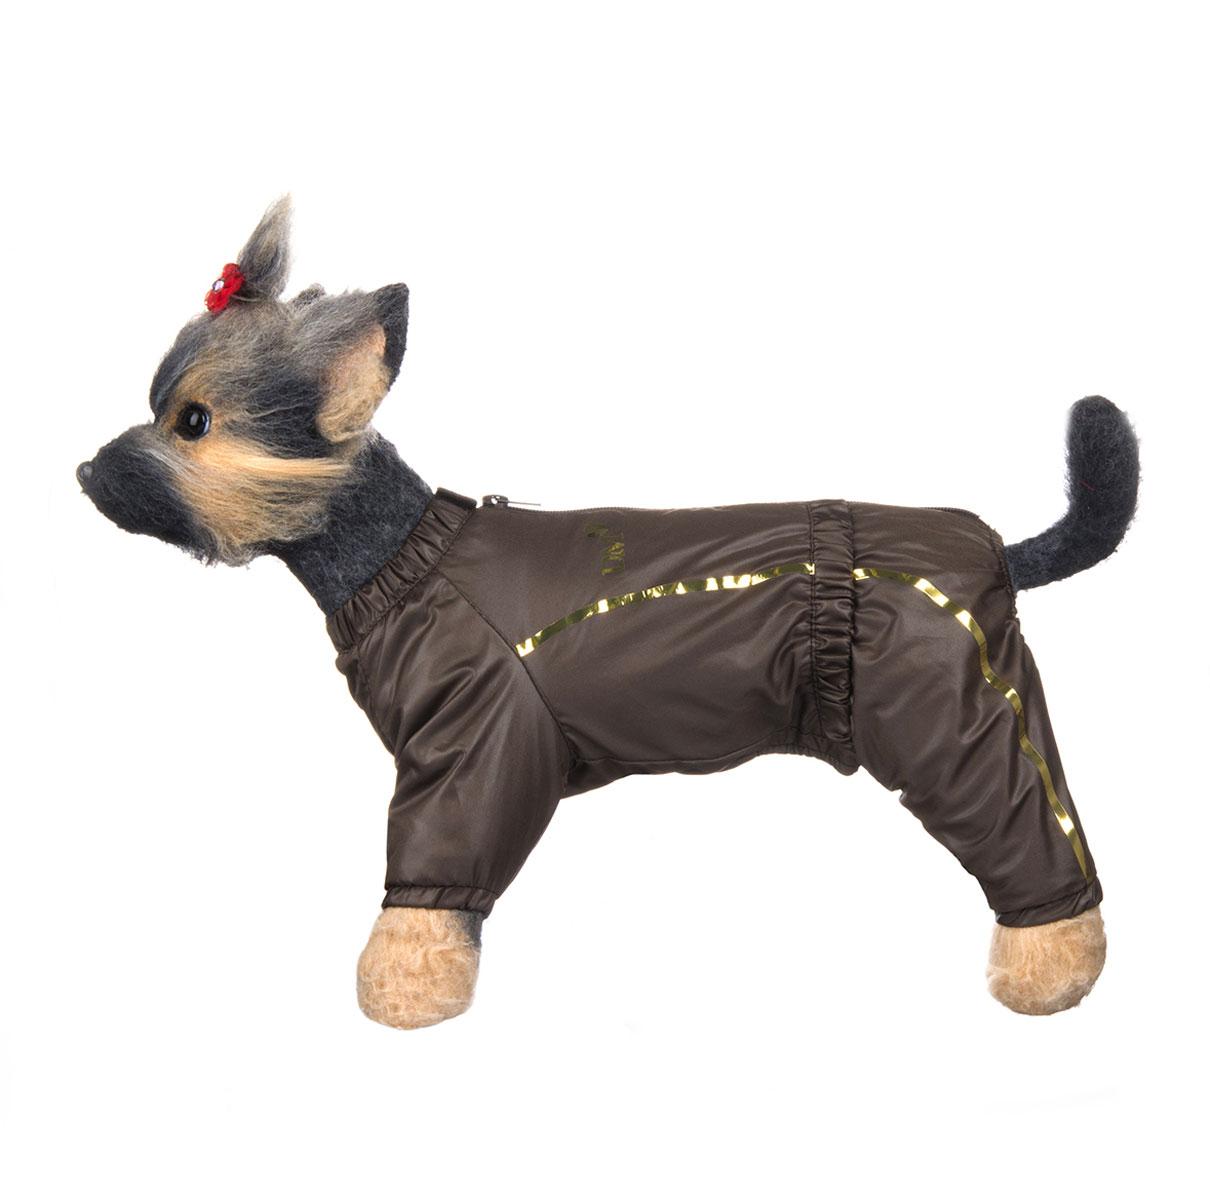 Комбинезон для собак Dogmoda Альпы, для мальчика, цвет: коричневый. Размер 2 (M)DM-150330-2Комбинезон для собак Dogmoda Альпы отлично подойдет для прогулок поздней осенью или ранней весной. Комбинезон изготовлен из полиэстера, защищающего от ветра и осадков, с подкладкой из флиса, которая сохранит тепло и обеспечит отличный воздухообмен. Комбинезон застегивается на молнию и липучку, благодаря чему его легко надевать и снимать. Ворот, низ рукавов и брючин оснащены внутренними резинками, которые мягко обхватывают шею и лапки, не позволяя просачиваться холодному воздуху. На пояснице имеется внутренняя резинка. Изделие декорировано золотистыми полосками и надписью DM. Благодаря такому комбинезону простуда не грозит вашему питомцу и он не даст любимцу продрогнуть на прогулке.